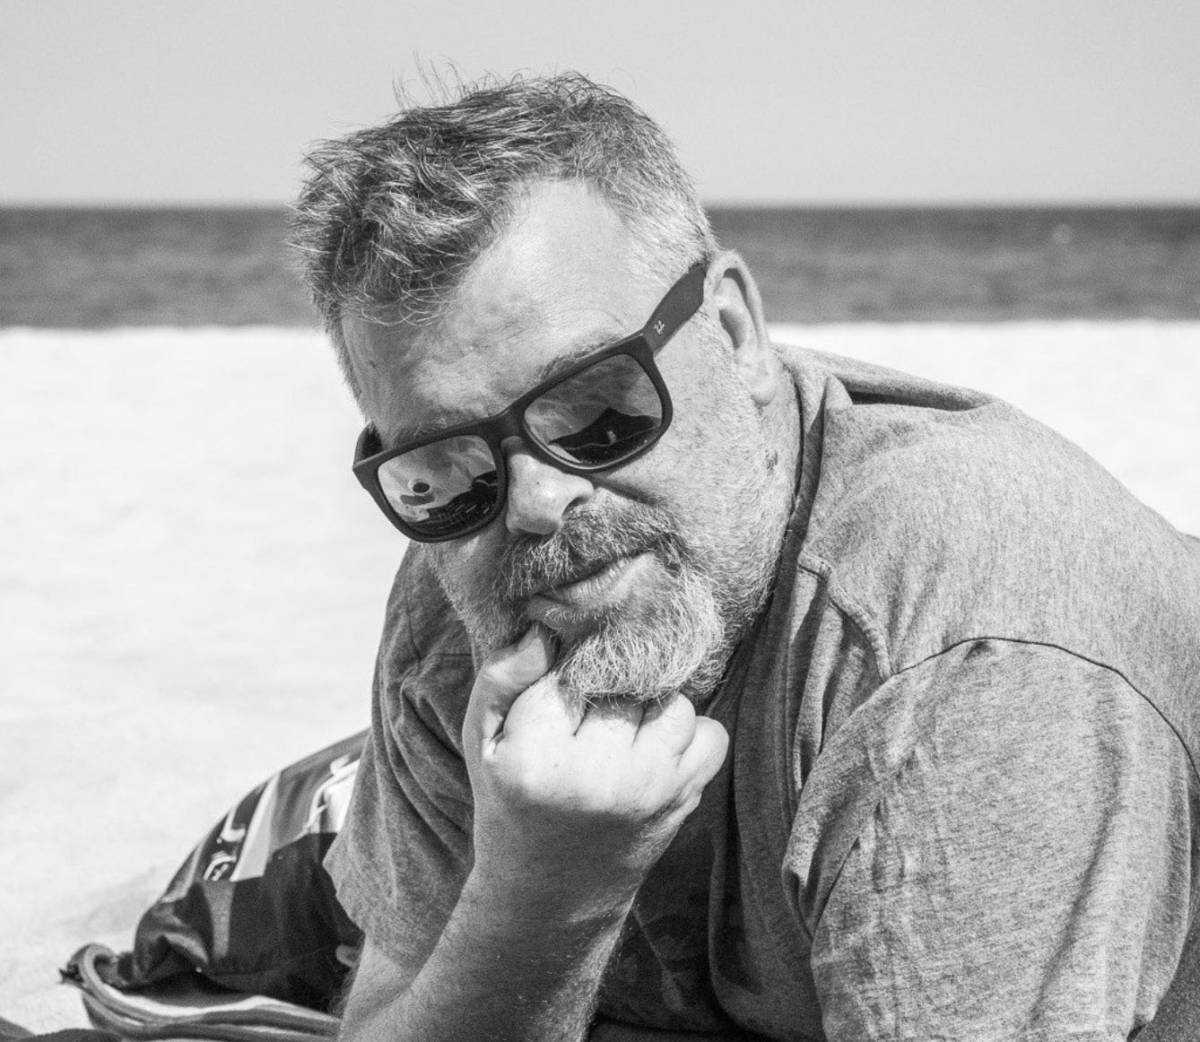 Nie żyje znany dziennikarz. Zginął tragicznie w wypadku samochodowym